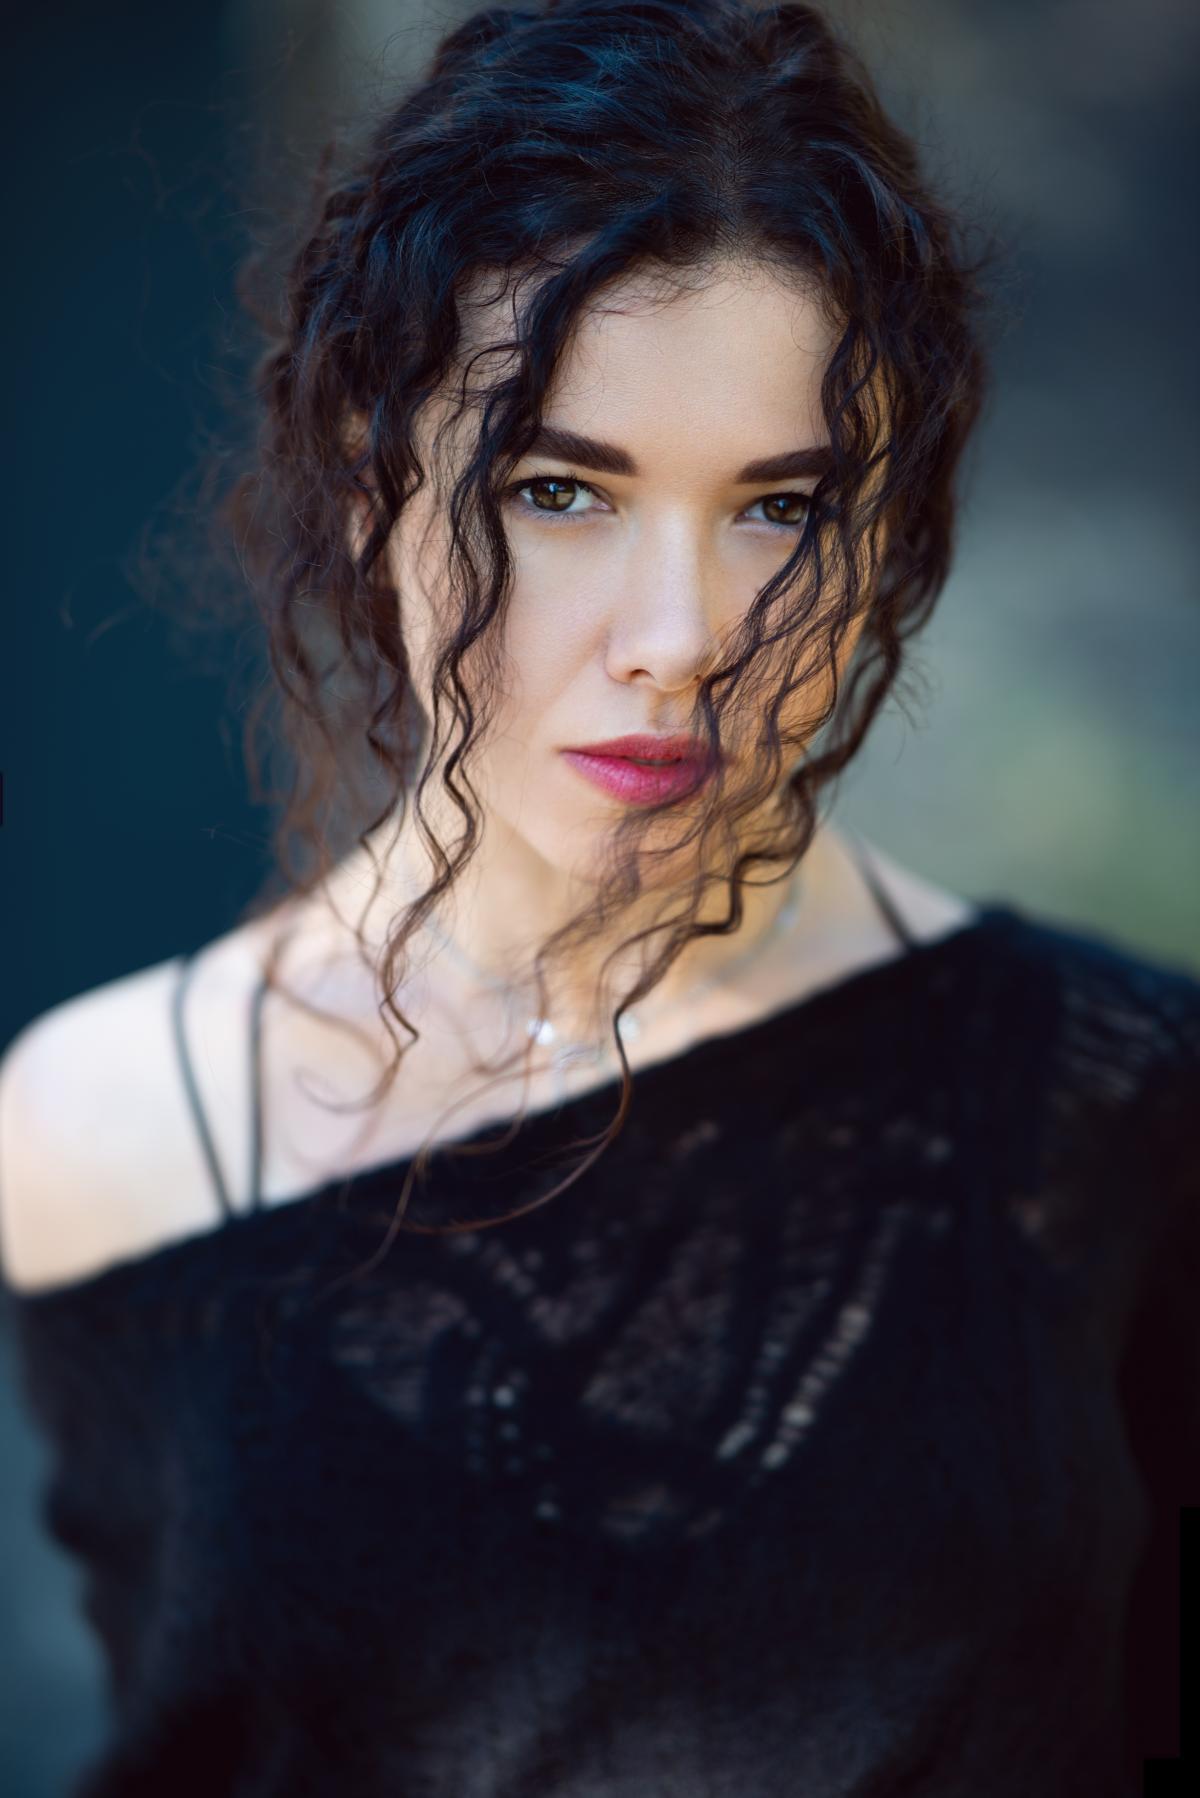 Нумерицкая: Если уж пара решилась на отношения на работе, то почему нет / instagram.com/galina.psyholog